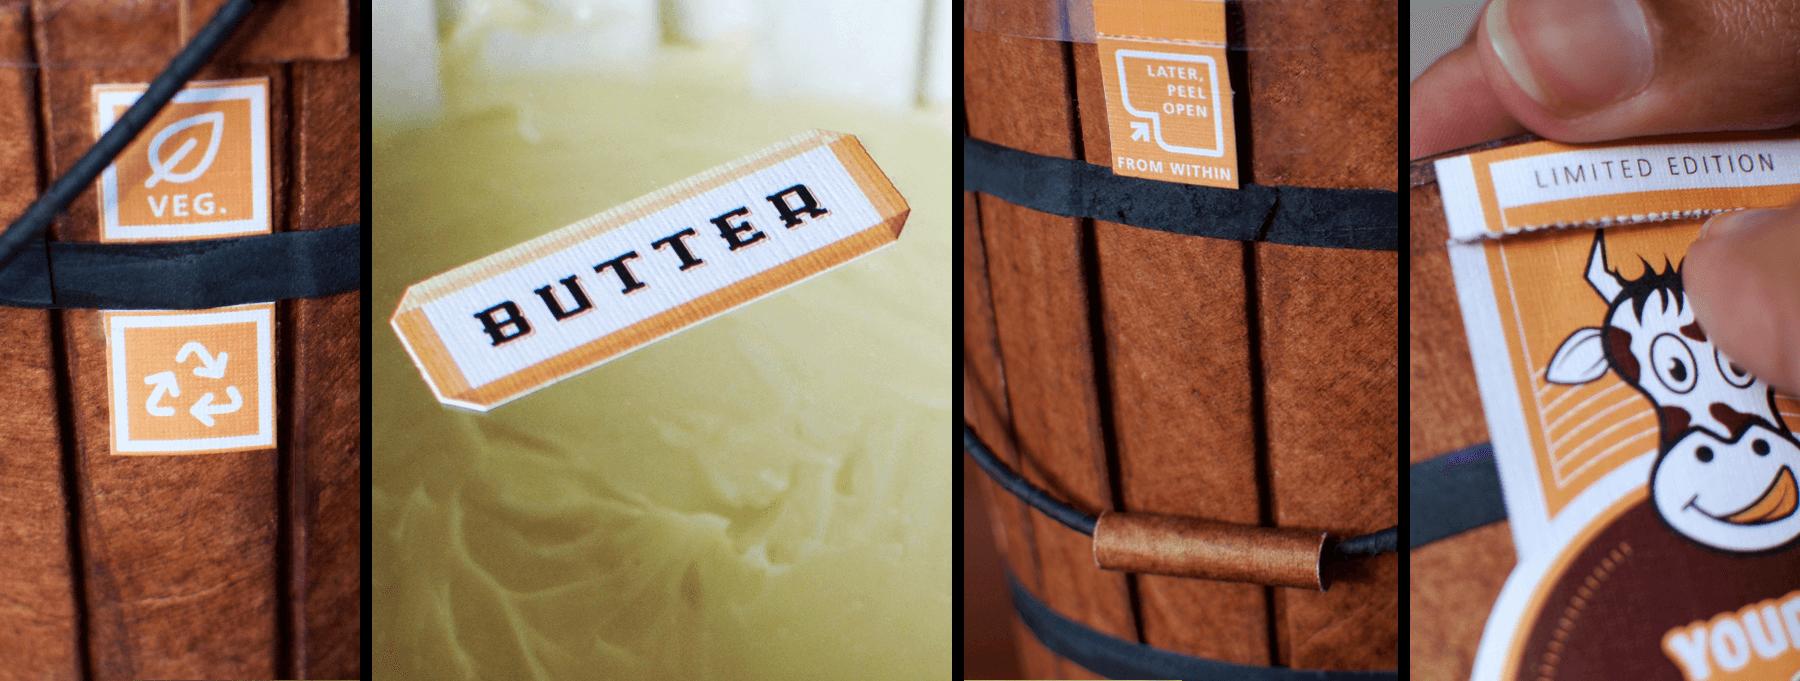 5_Butter-Photos-2